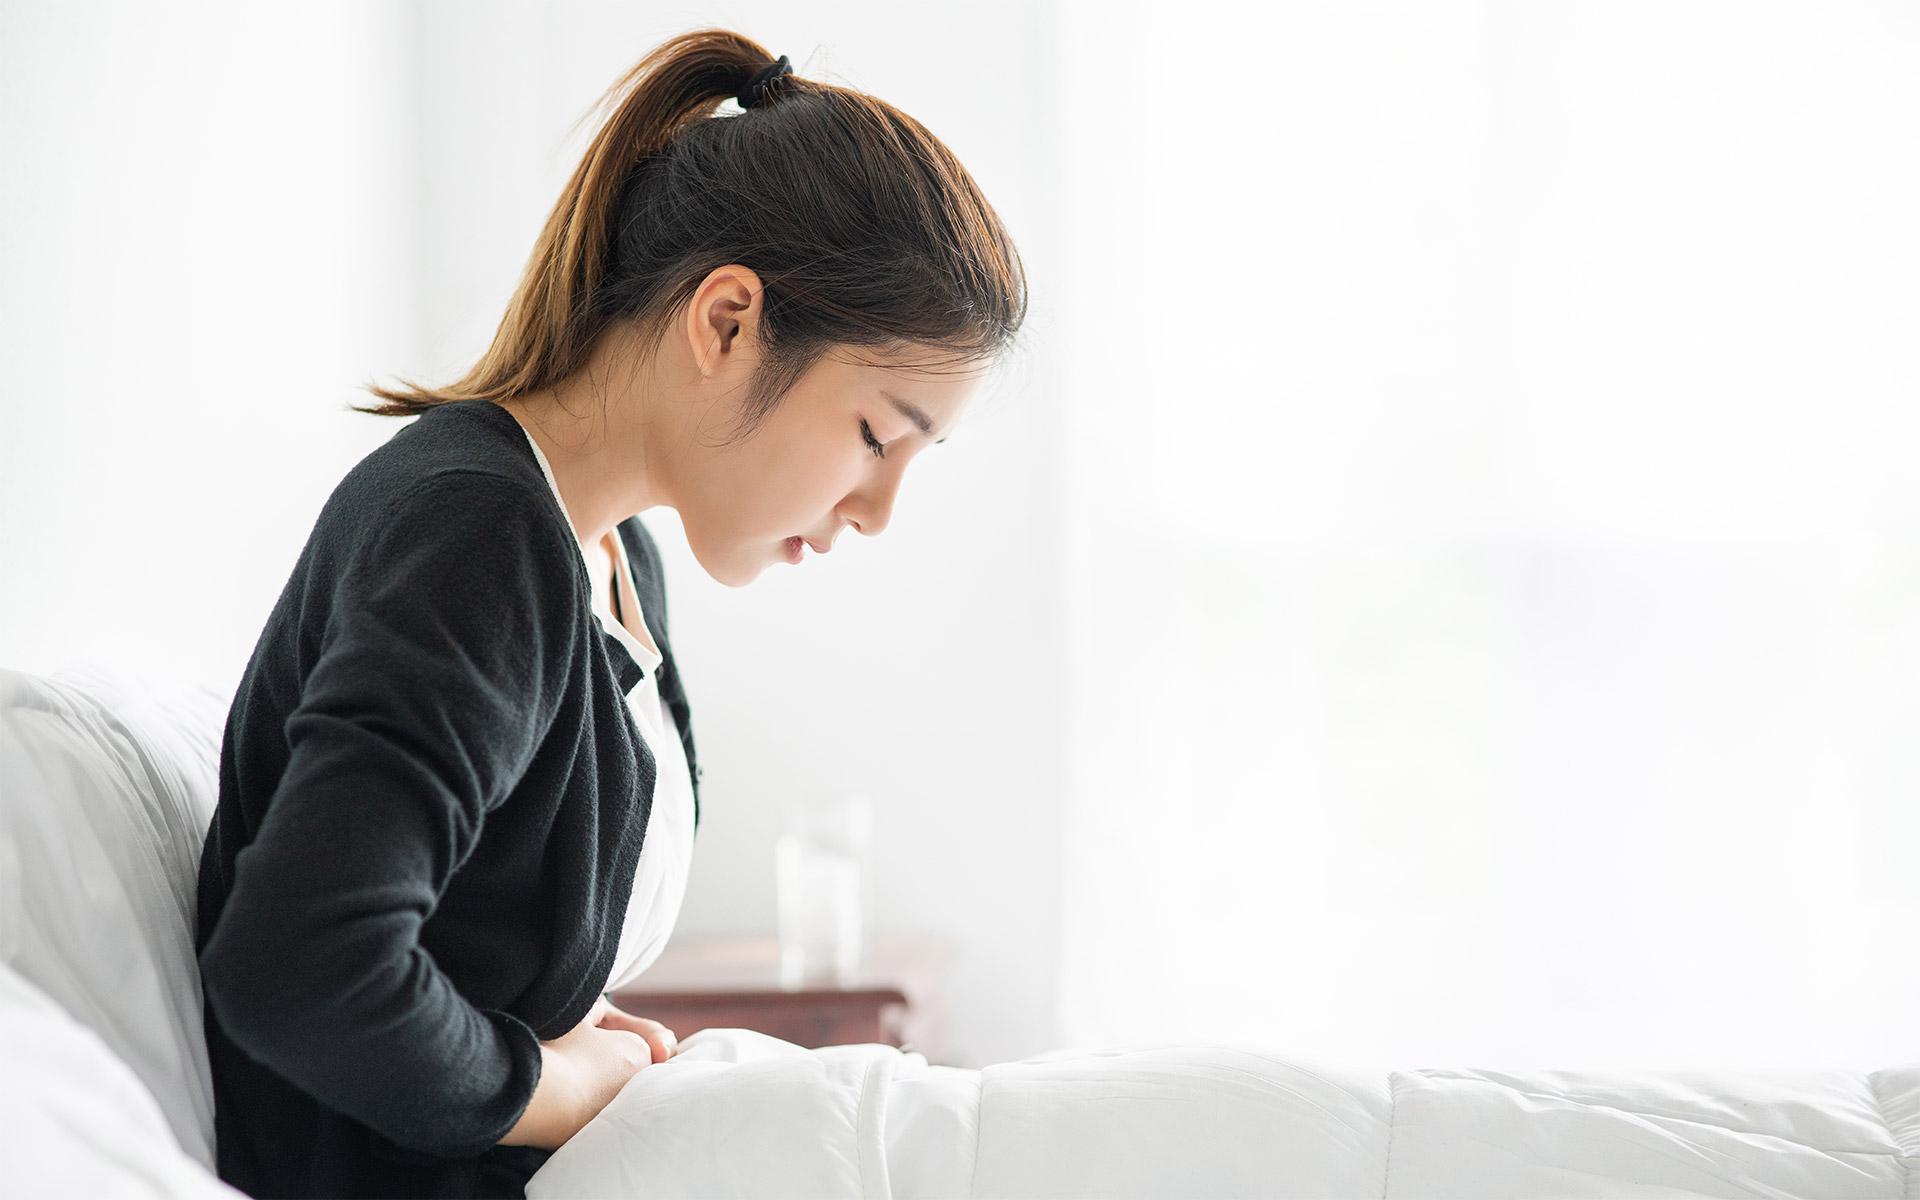 經痛、生理痛 讓你好難受嗎?經常熱敷讓子宮保暖,可以利用按摩器的溫熱功能天天保養,也可以搭配震動、揉捏功能舒緩其他經期不適。